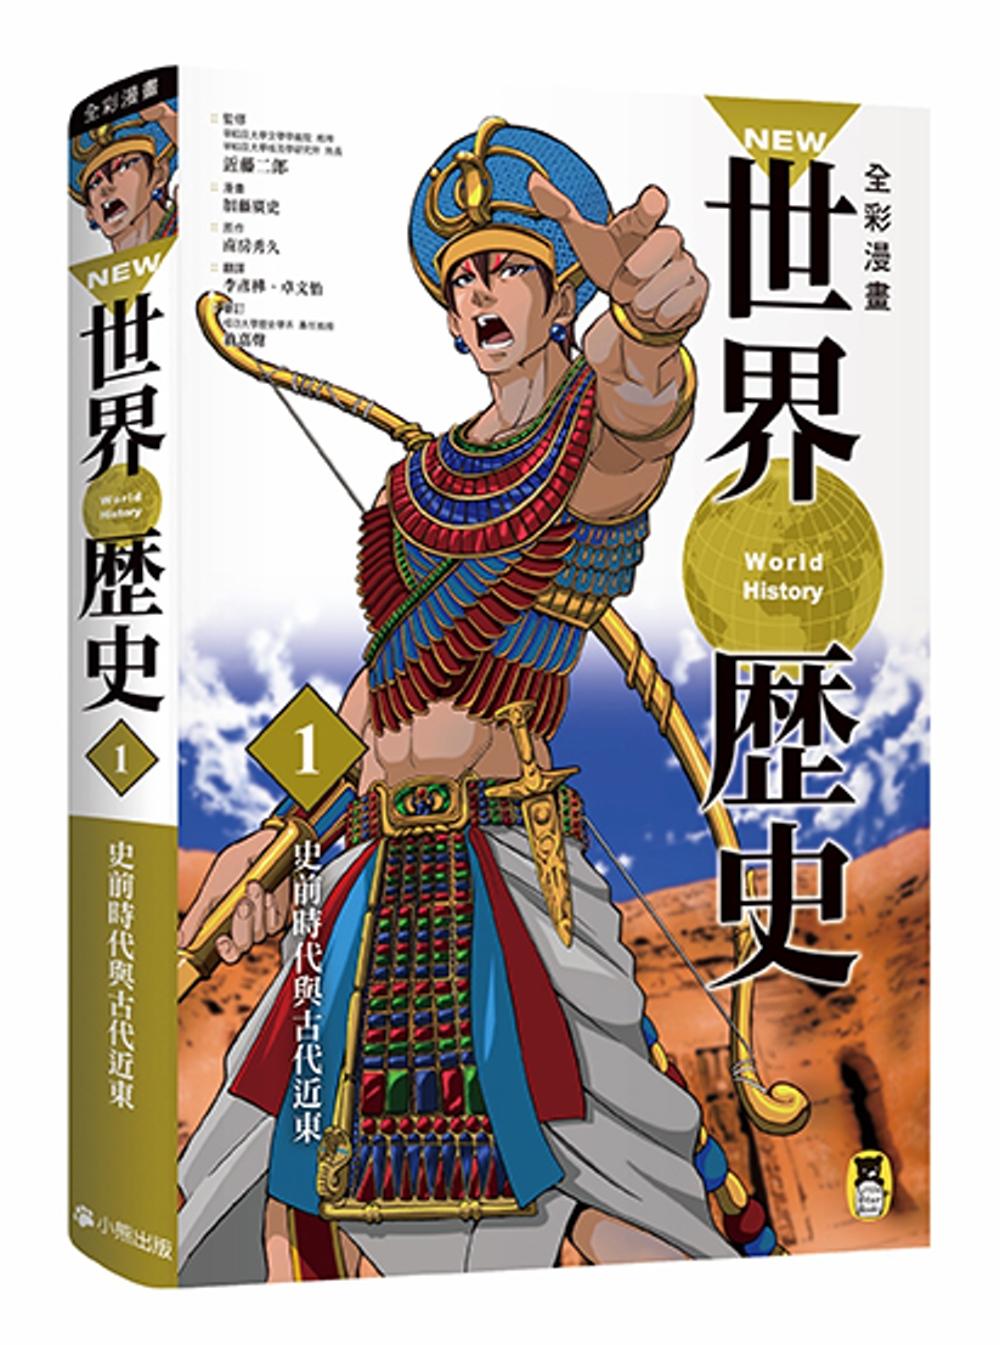 NEW全彩漫畫世界歷史.第1卷:史前時代與古代近東